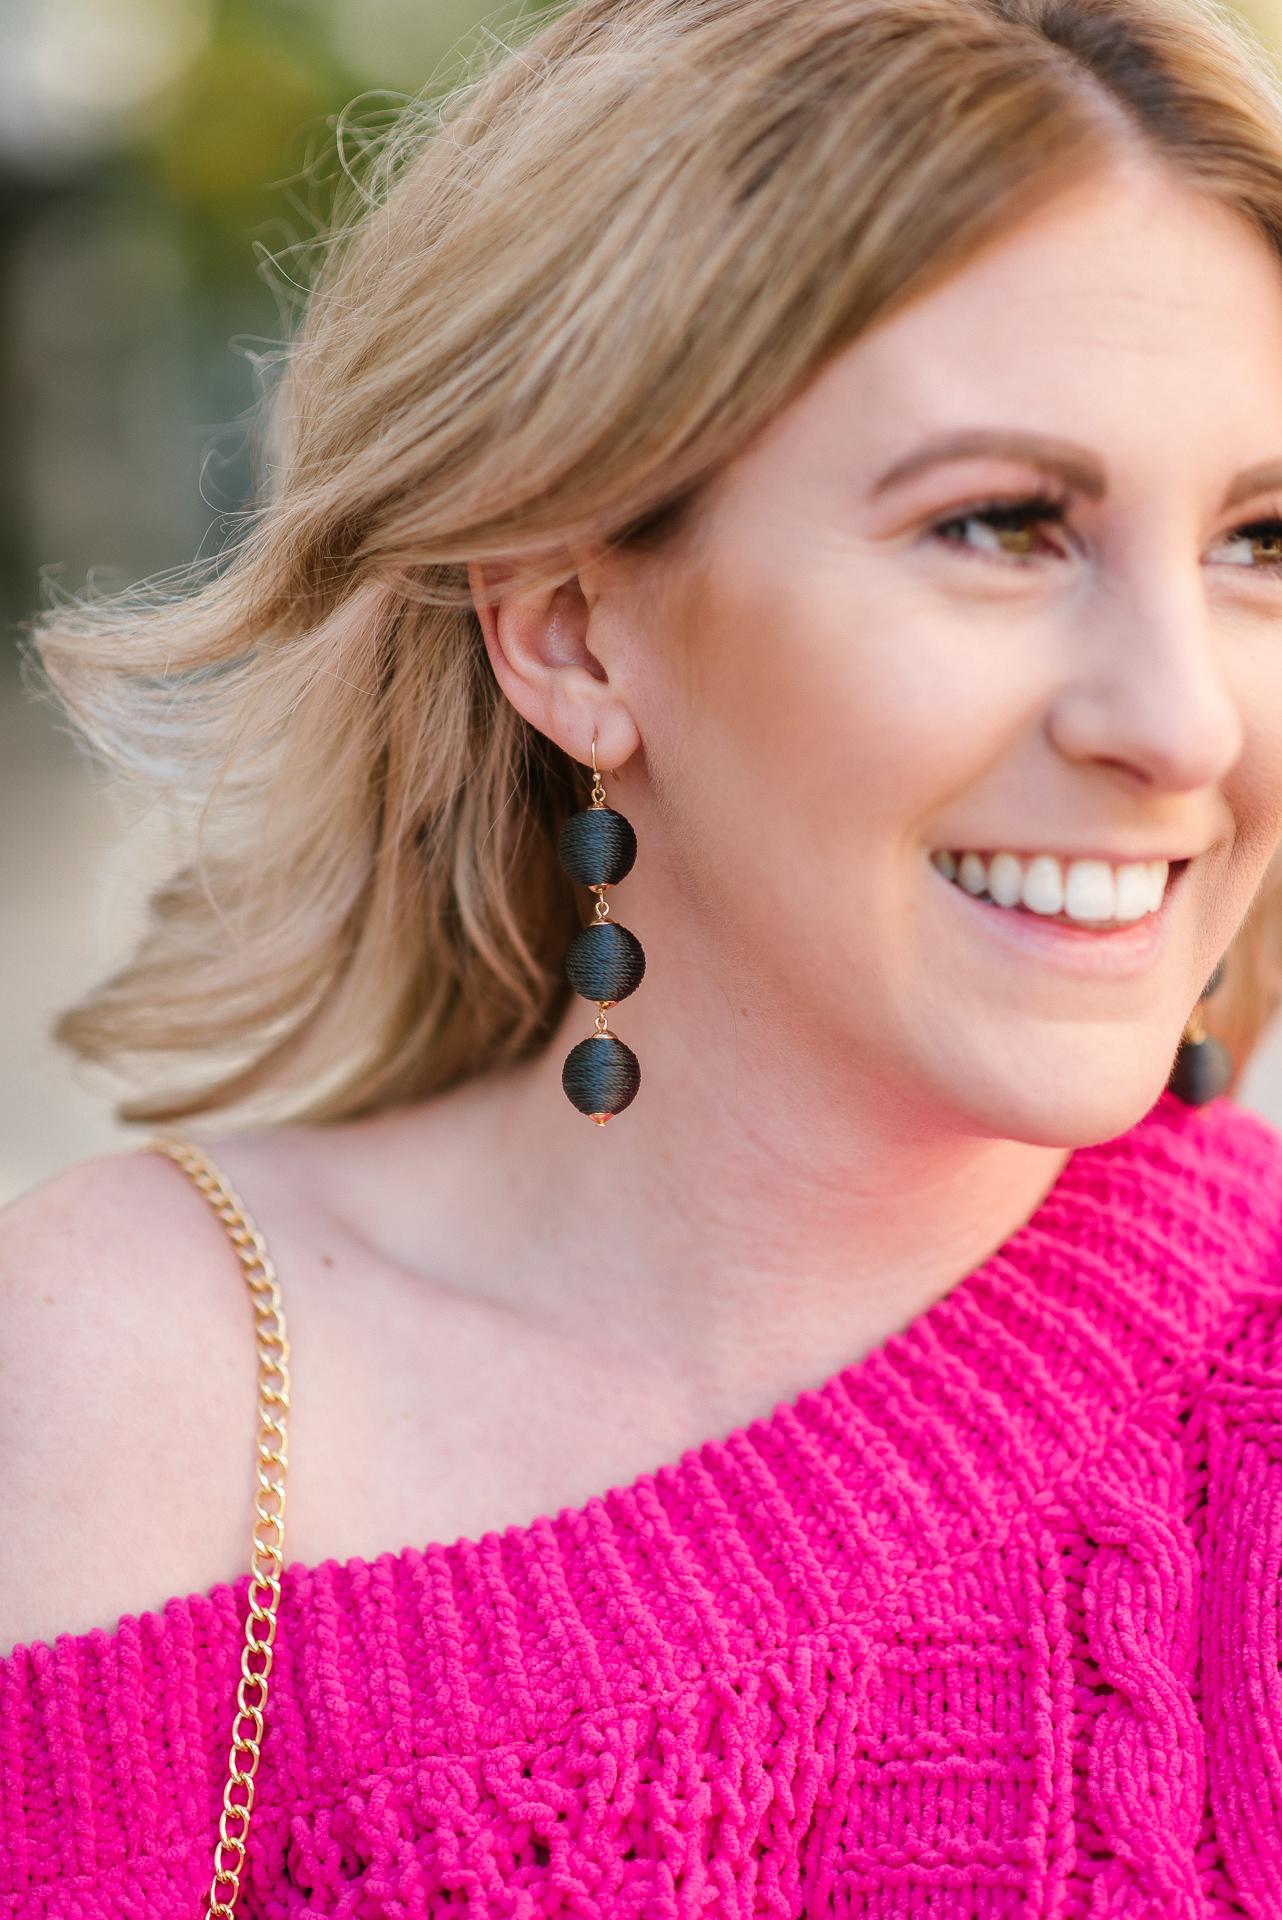 bauble bar earrings, crochet sweater